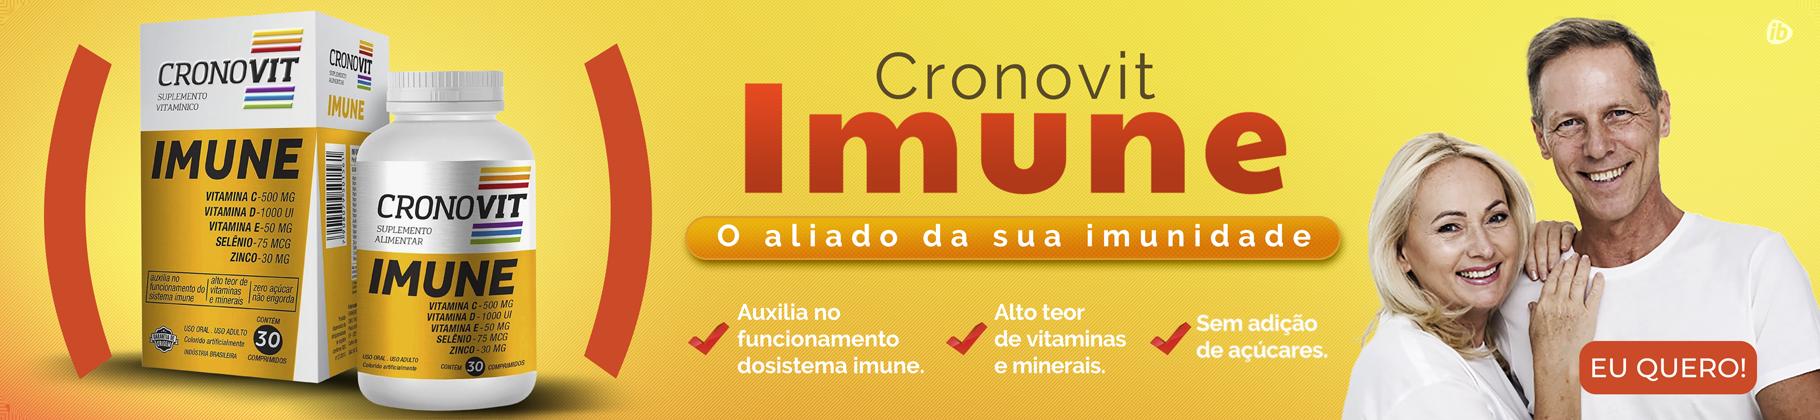 CRONOVIT IMUNE